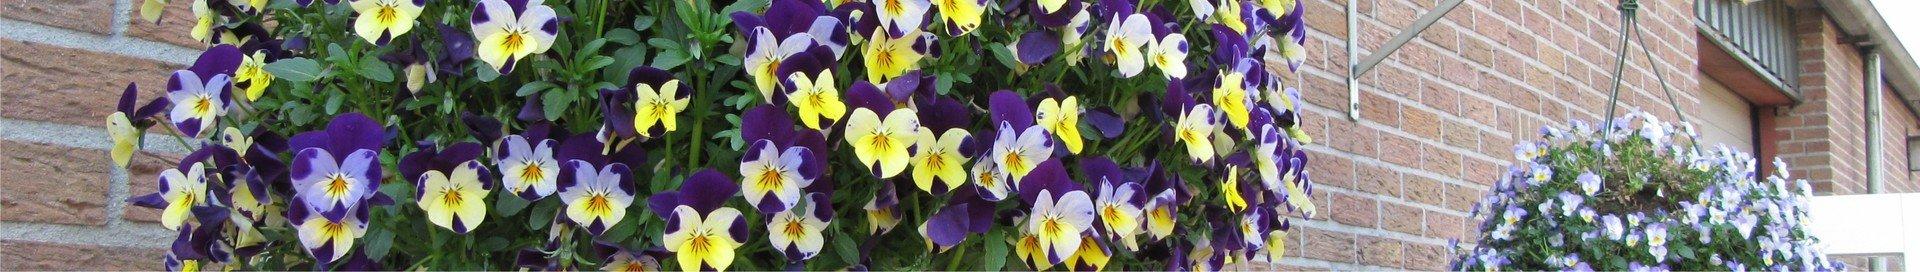 Hangpotten-&-Flowerbags